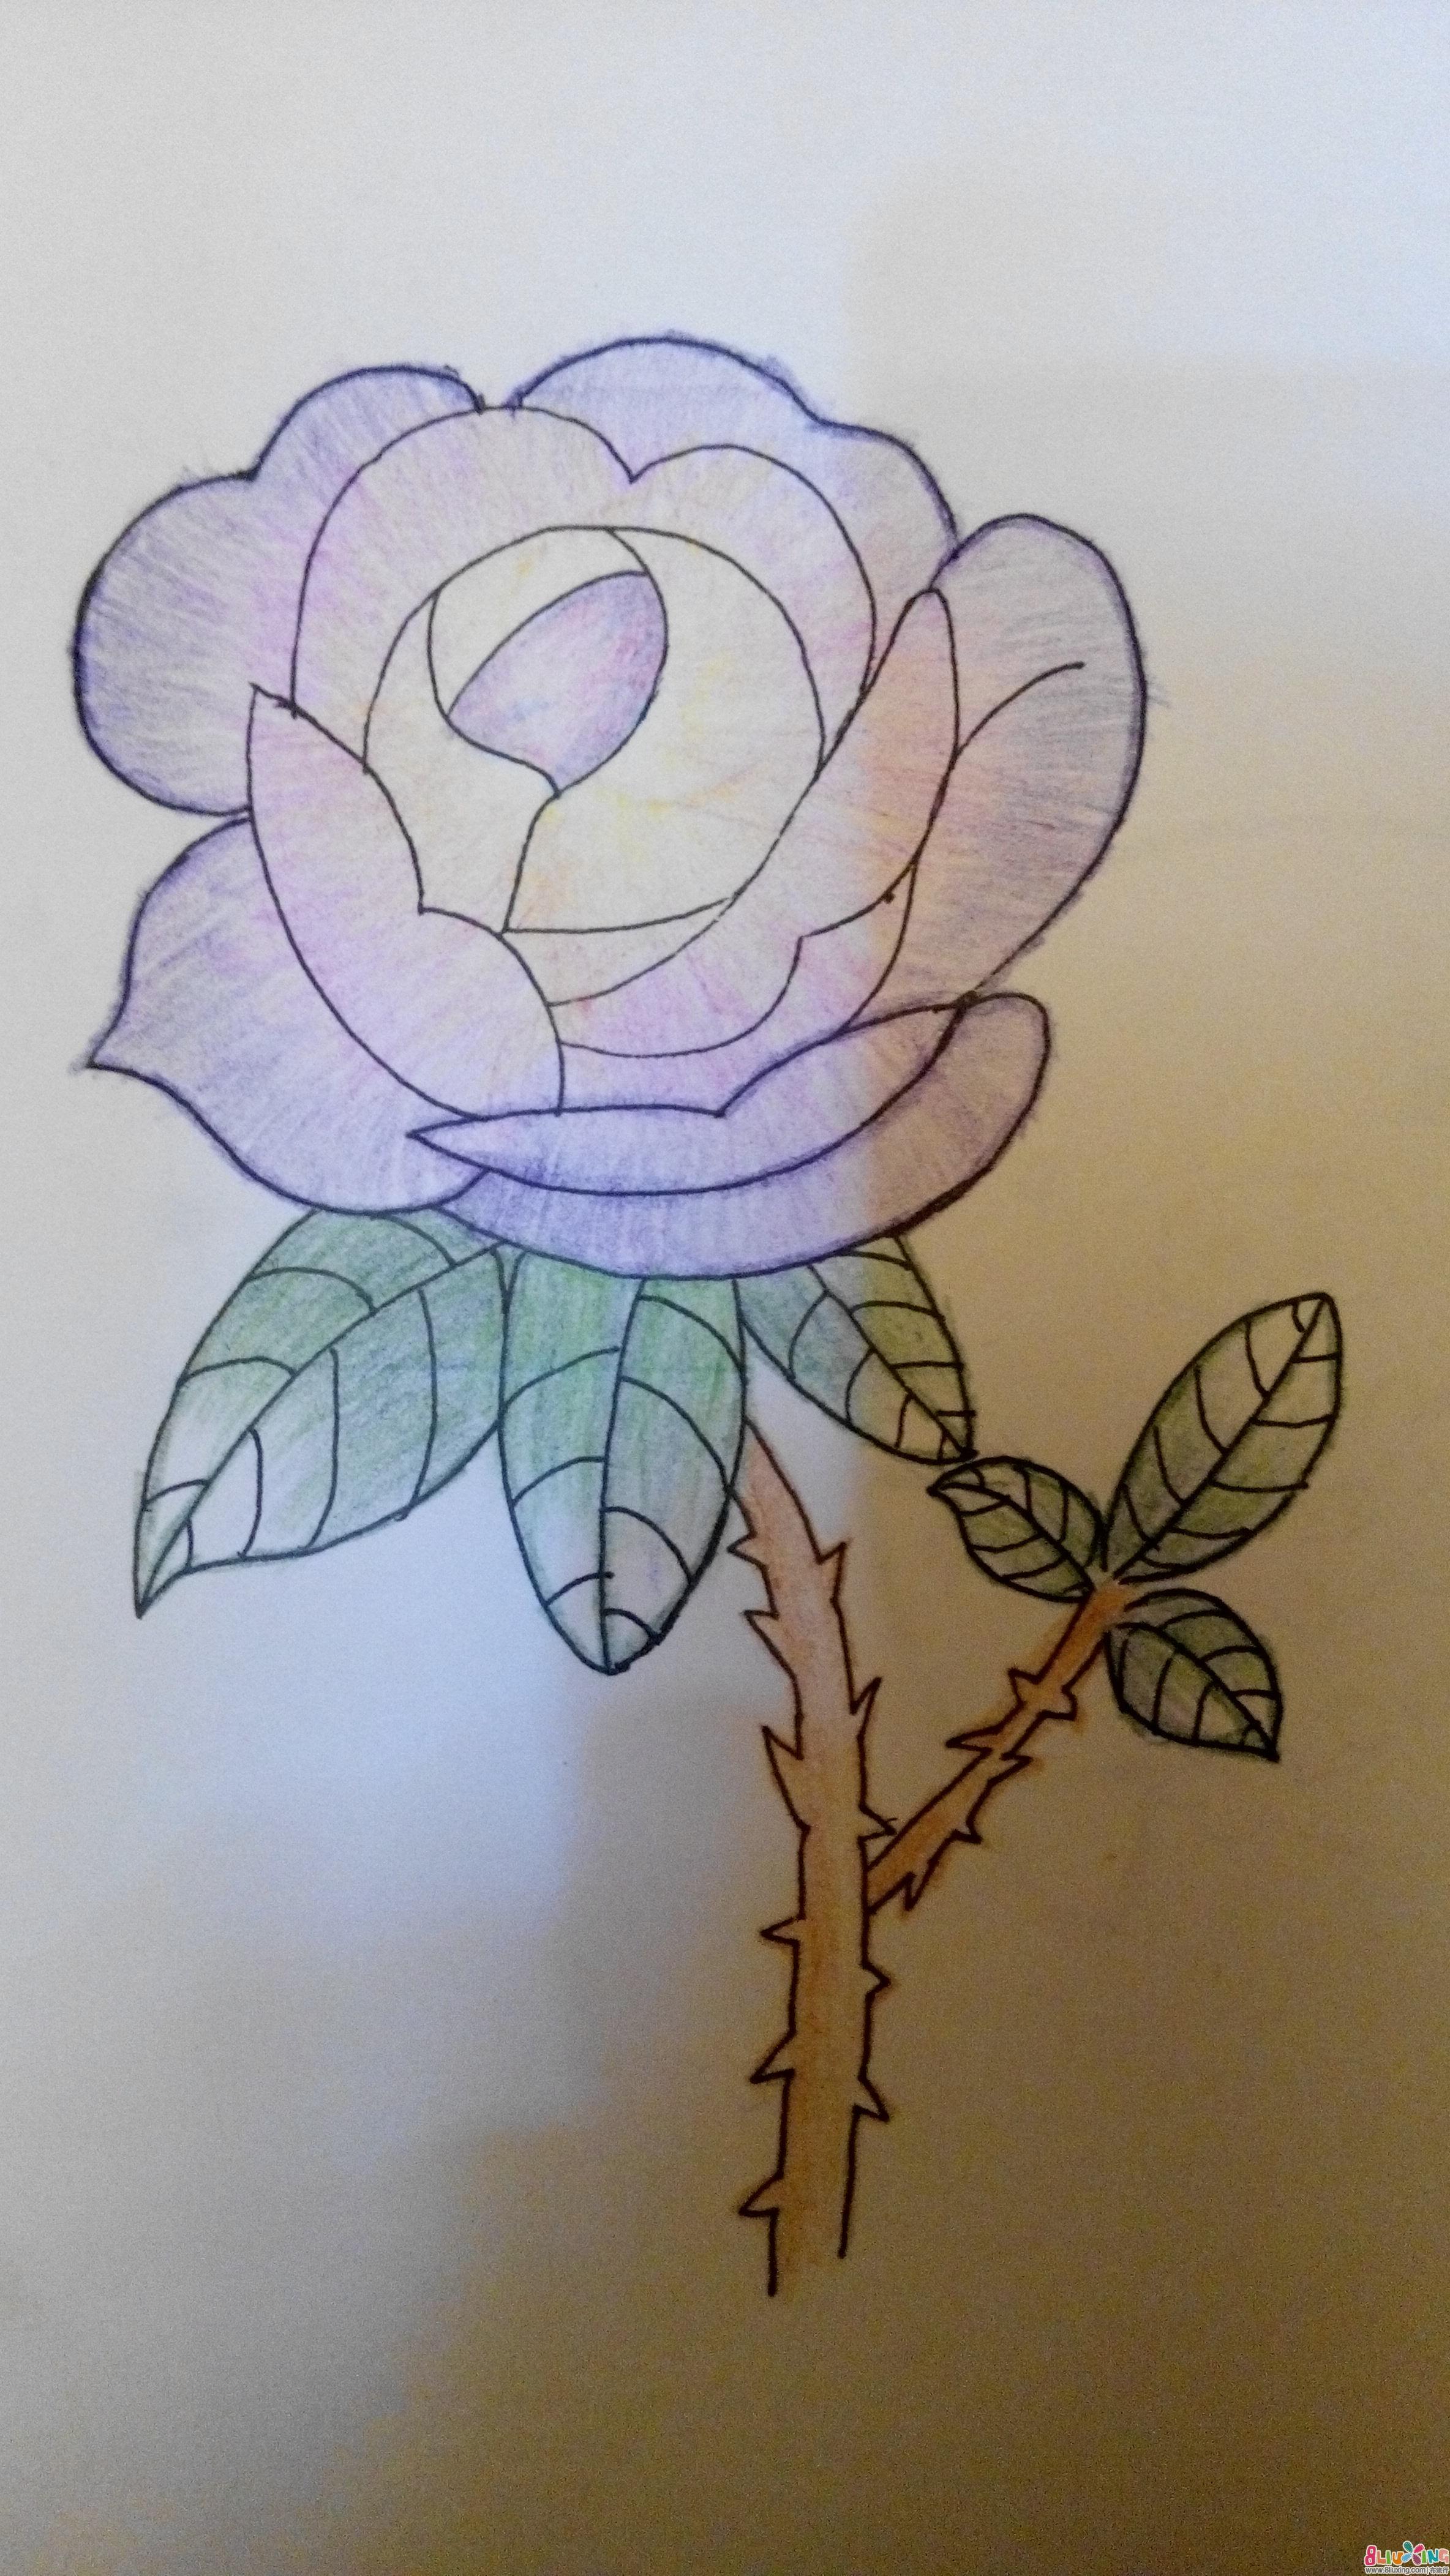 手绘玫瑰花简笔画_手绘玫瑰花简笔画画法